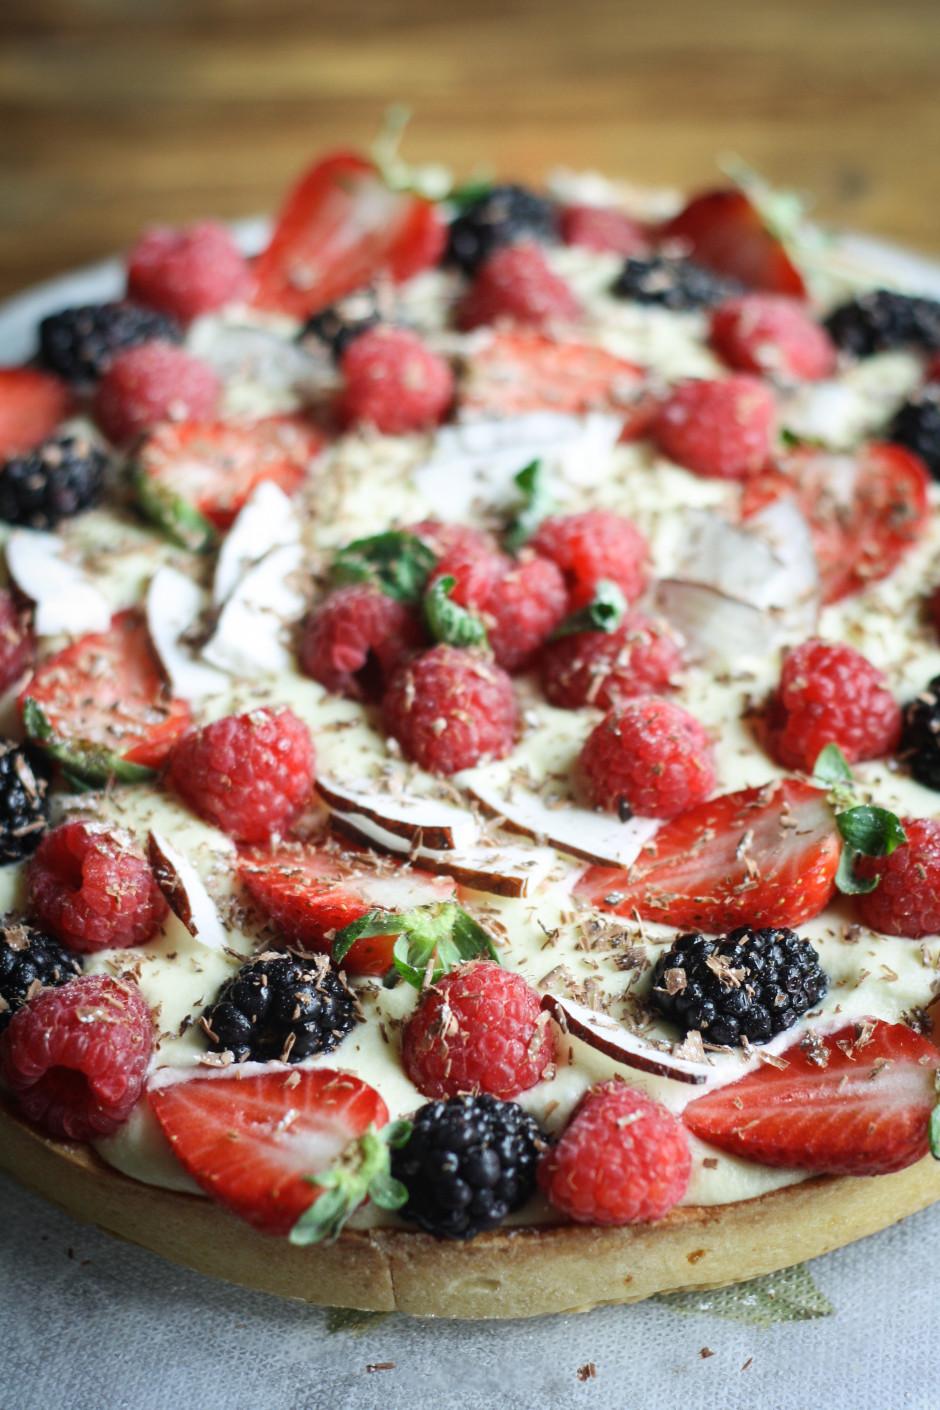 crostata di crema e frutta 940x1410 Crostata alla crema e frutta fresca